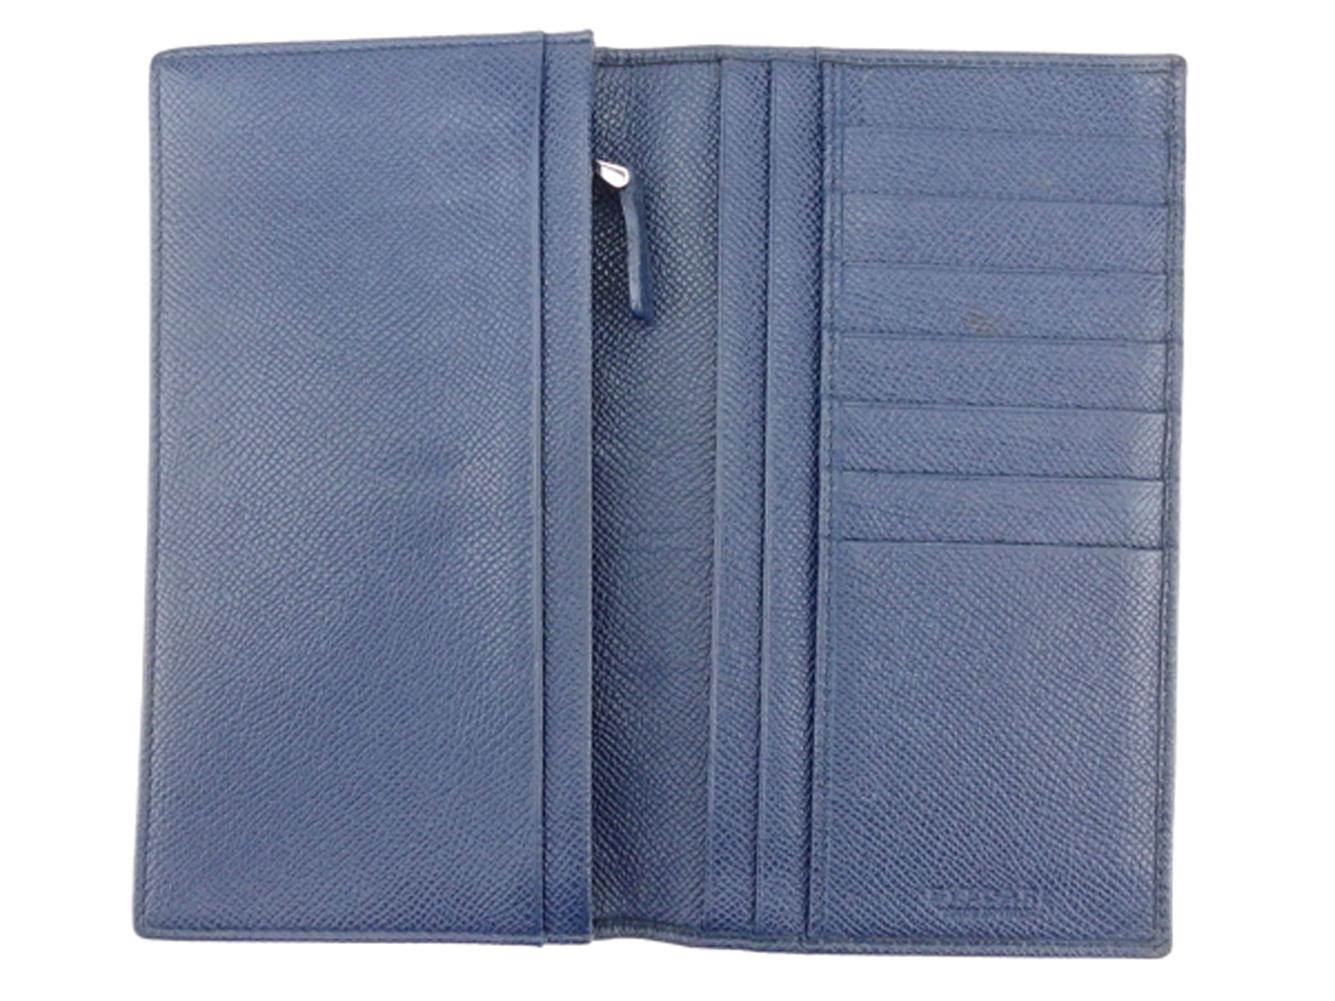 021efe075d24 【中古】 ルイ・ヴィトン(Louis Vuitton) モノグラム M51128 エリプス・ショッピング Elipse shopping  ショルダーバッグ